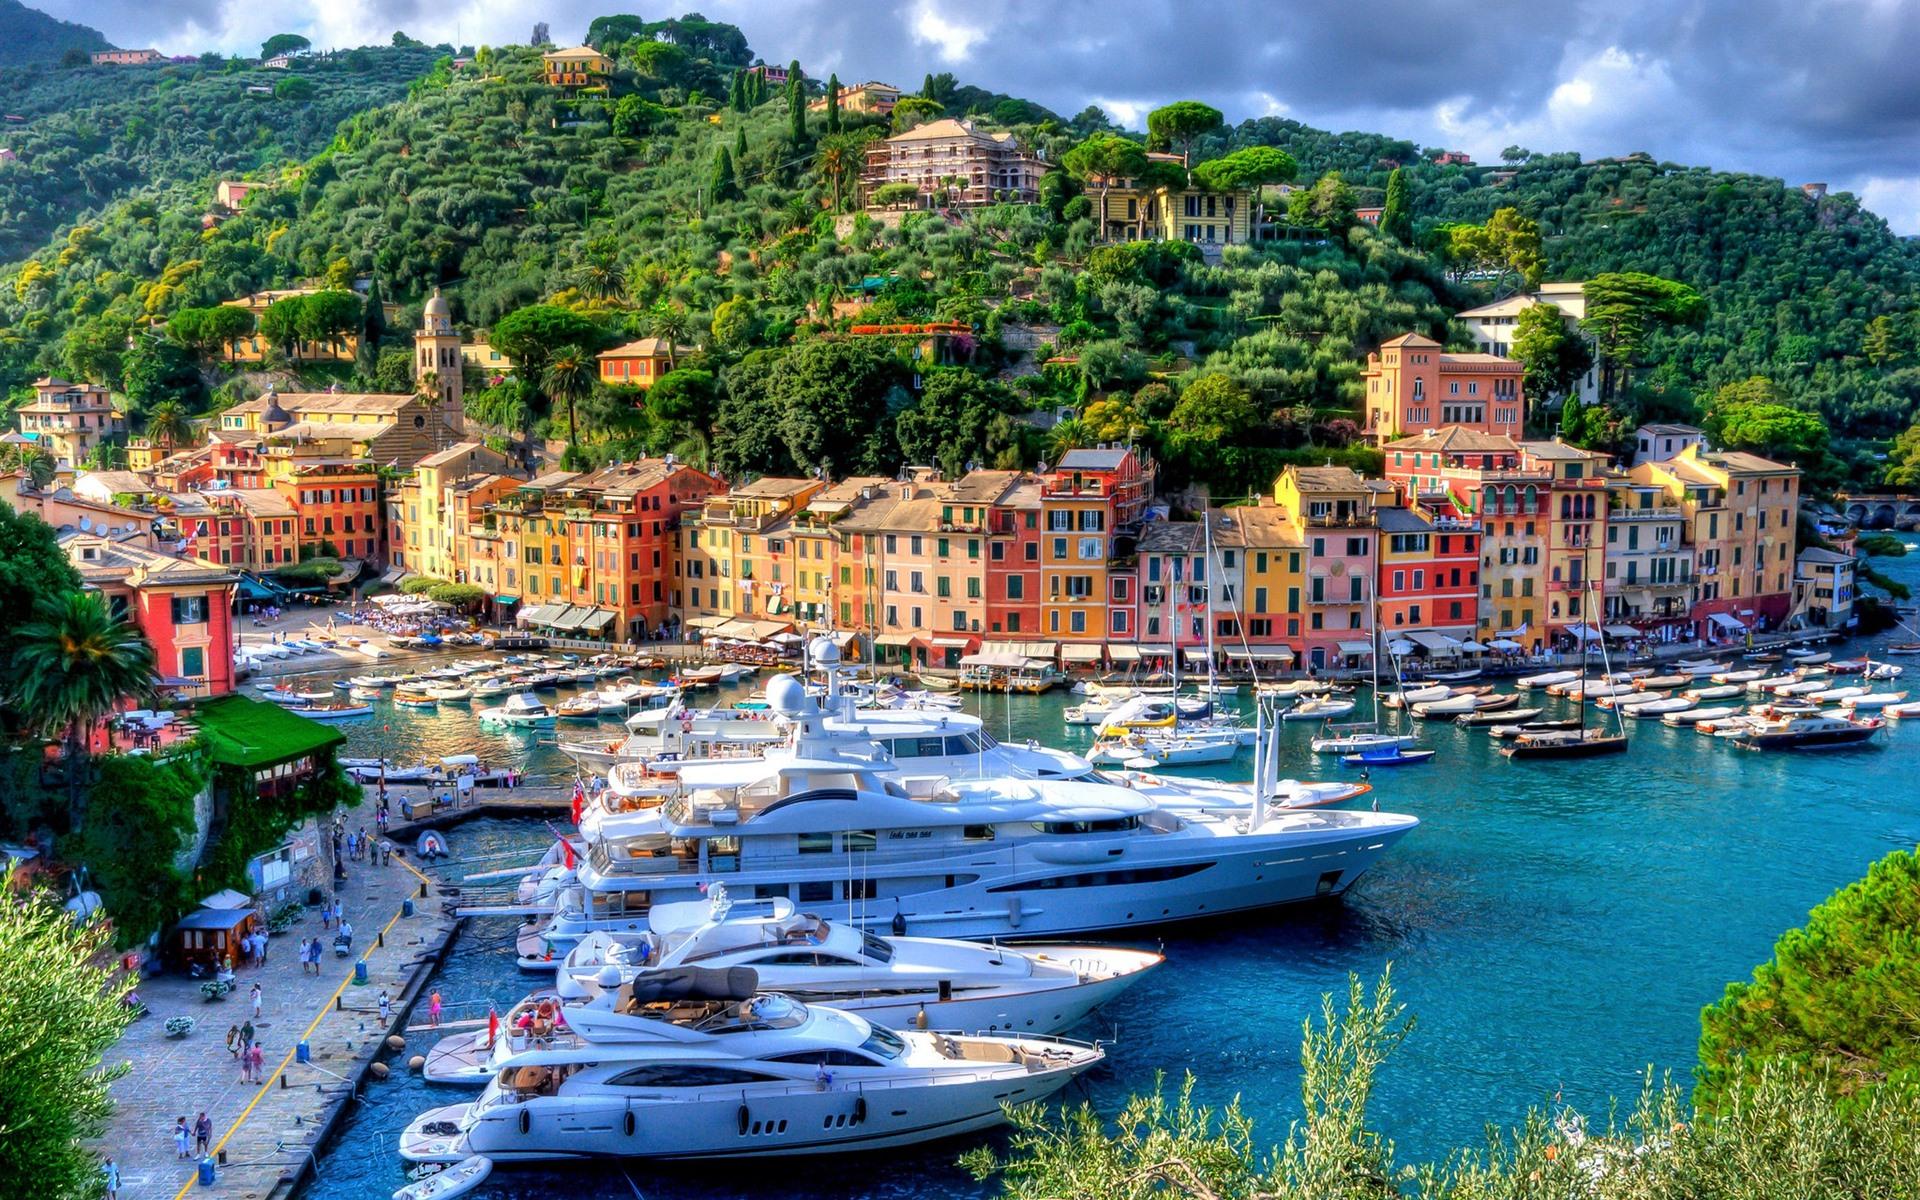 Alquiler de yates en Italia